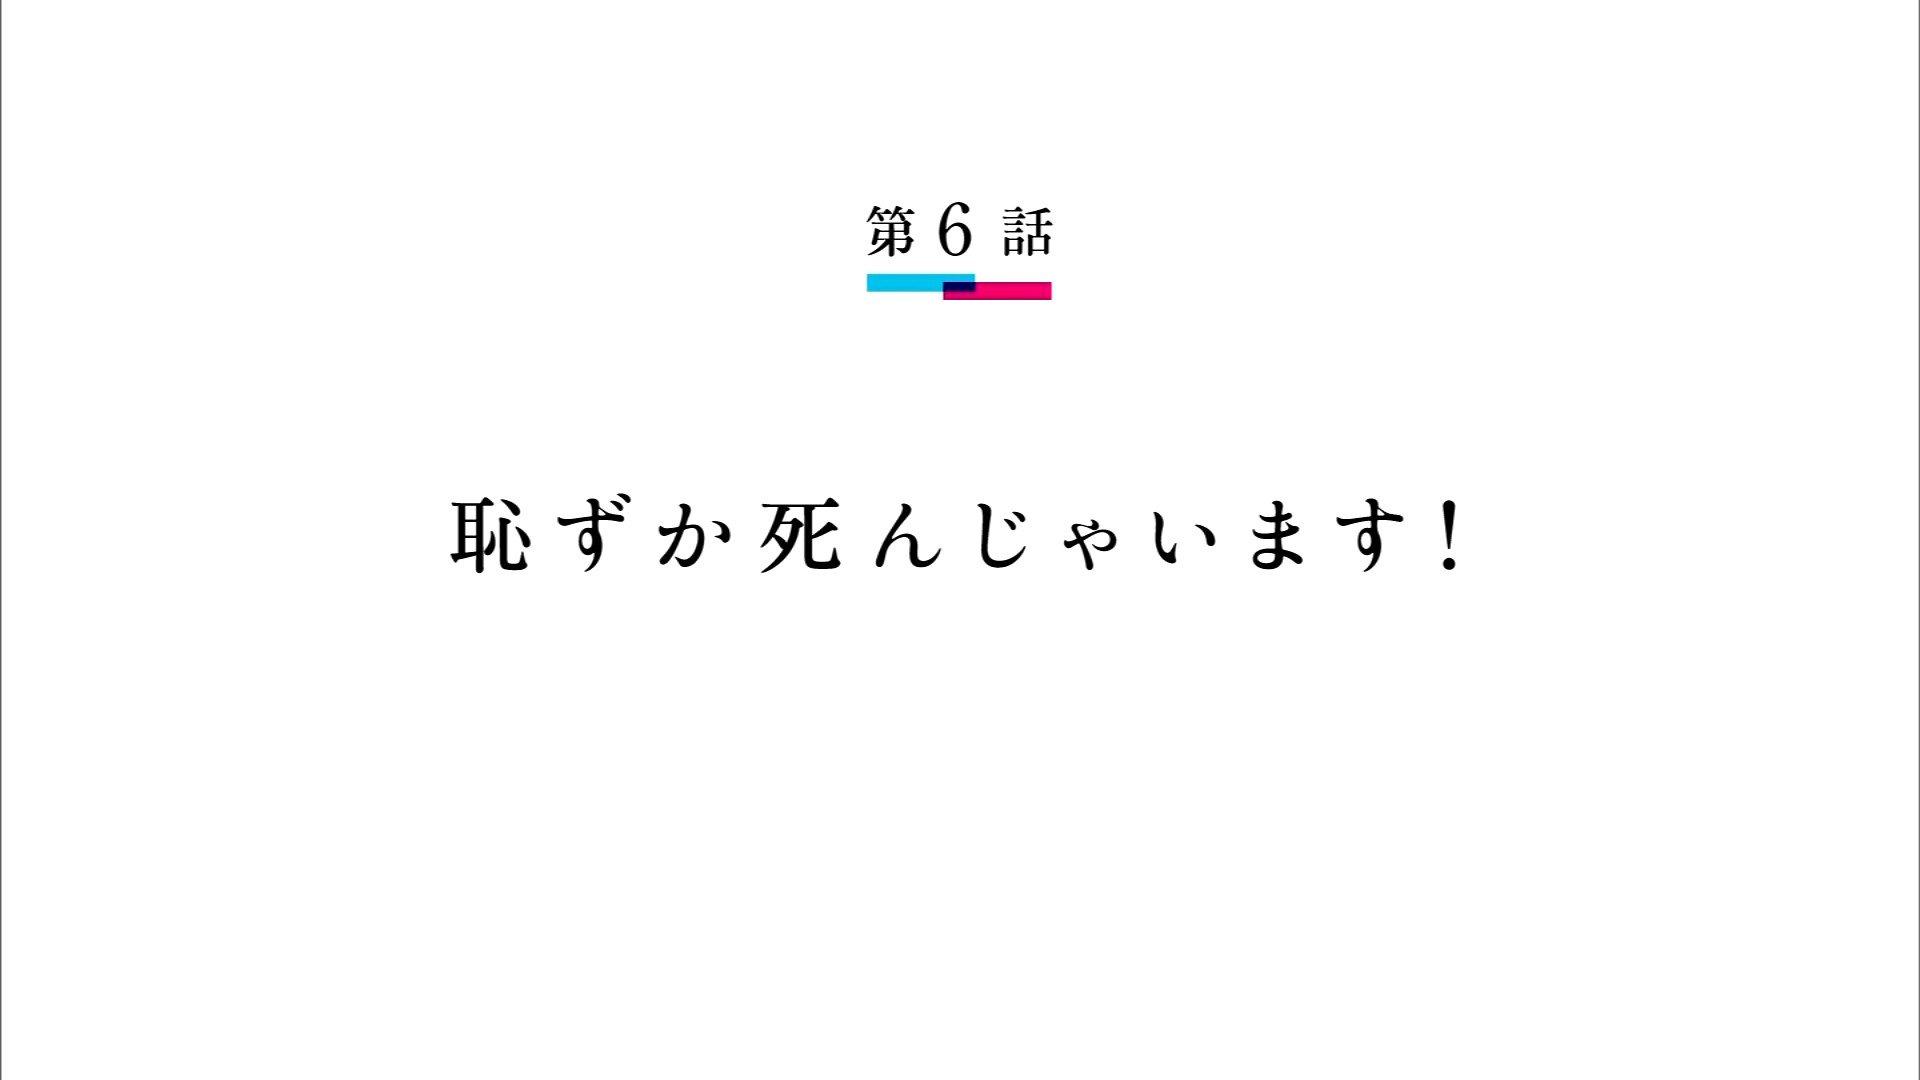 第6話 恥ずか死んじゃいます! #netoju_anime #ネト充のススメ #tokyomx https://t.co/1ZUDCqoBEE